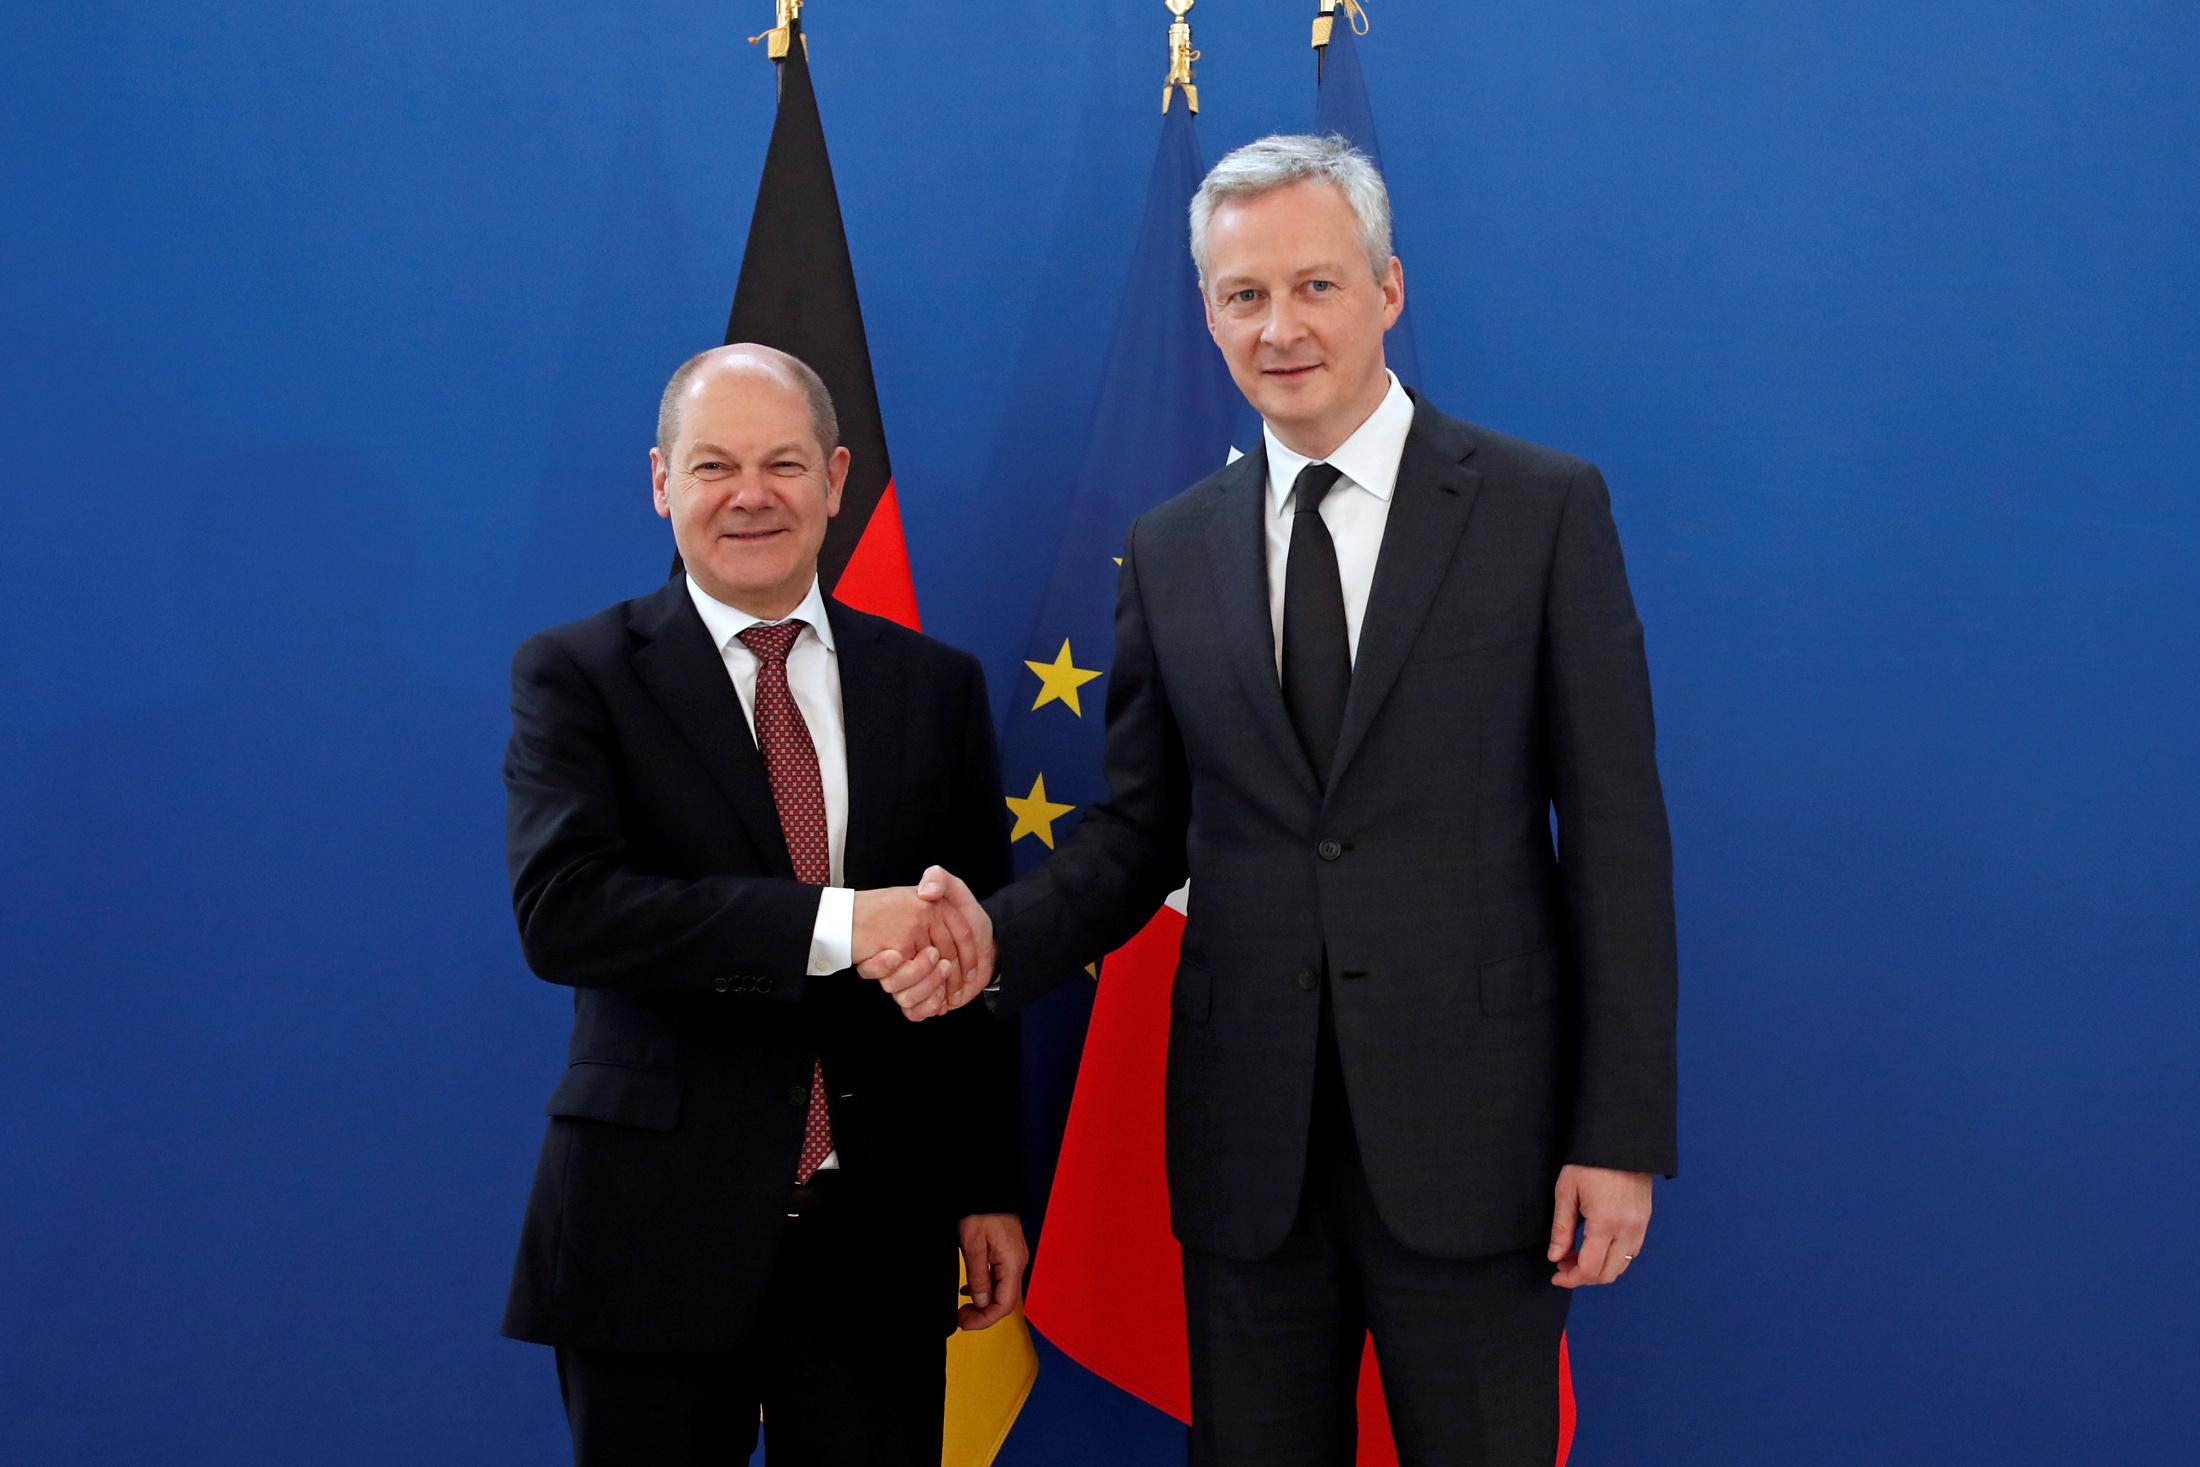 Njemački ministar financija Olaf Scholz u društvu svog francuskog kolege Brune Le Maira